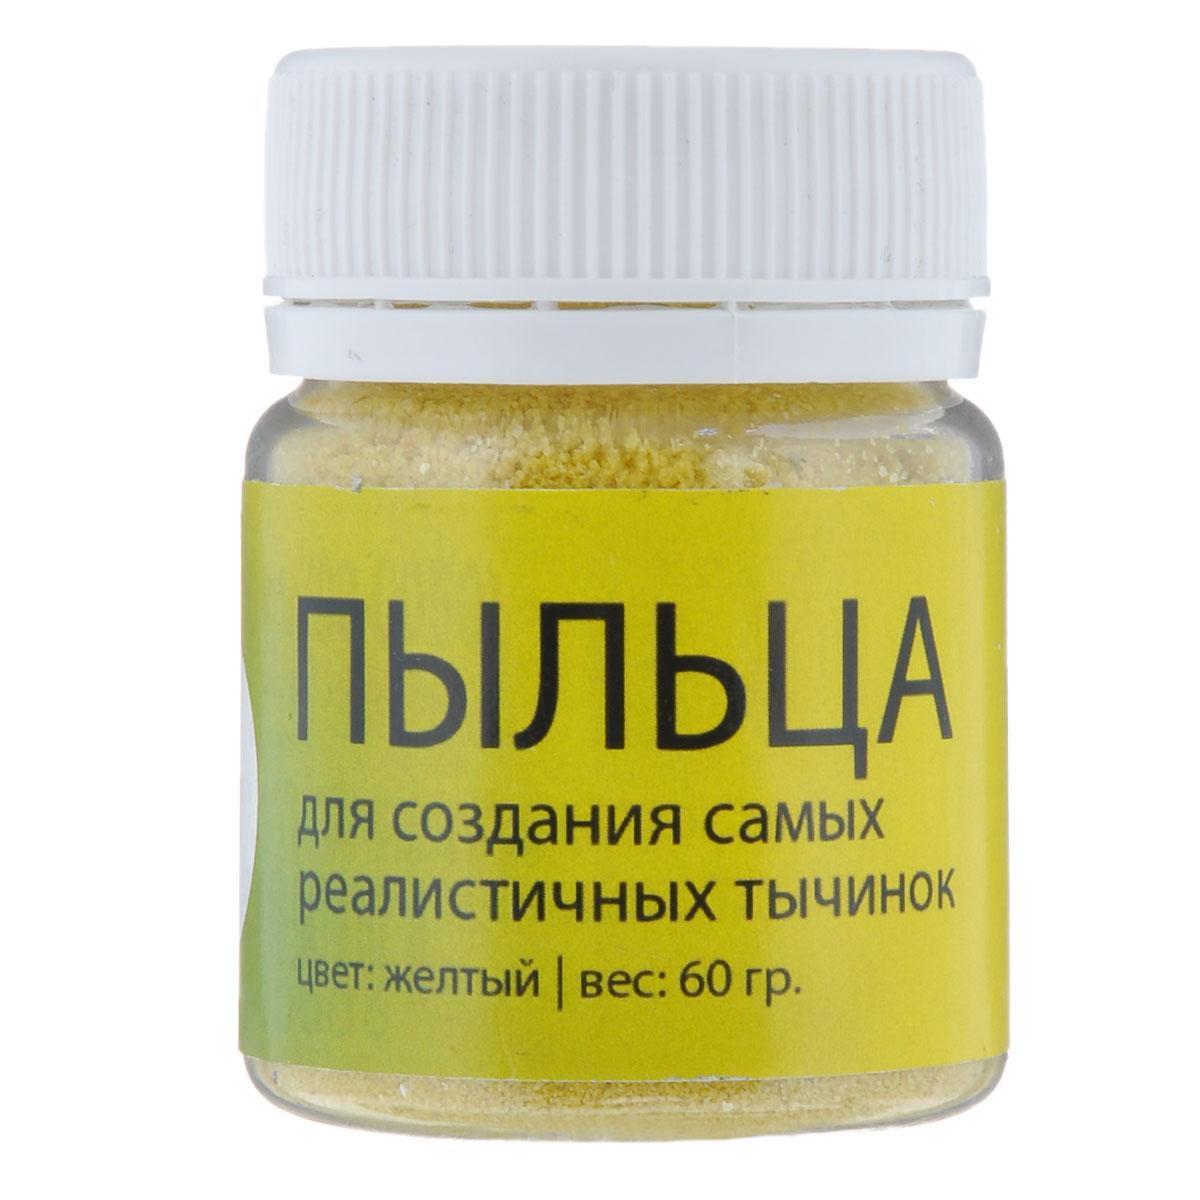 Пыльца декоративная Fleur, цвет: желтый, 60 г03-0050Бархатная пыльца Fleur состоит из тончайших ворсинок. Пыльца предназначена для придания натурального эффекта пыльцы. Используется в бумажном творчестве, а также для изготовления и декорирования цветов во флористике. Наносится на тычинки или серединку цветов.